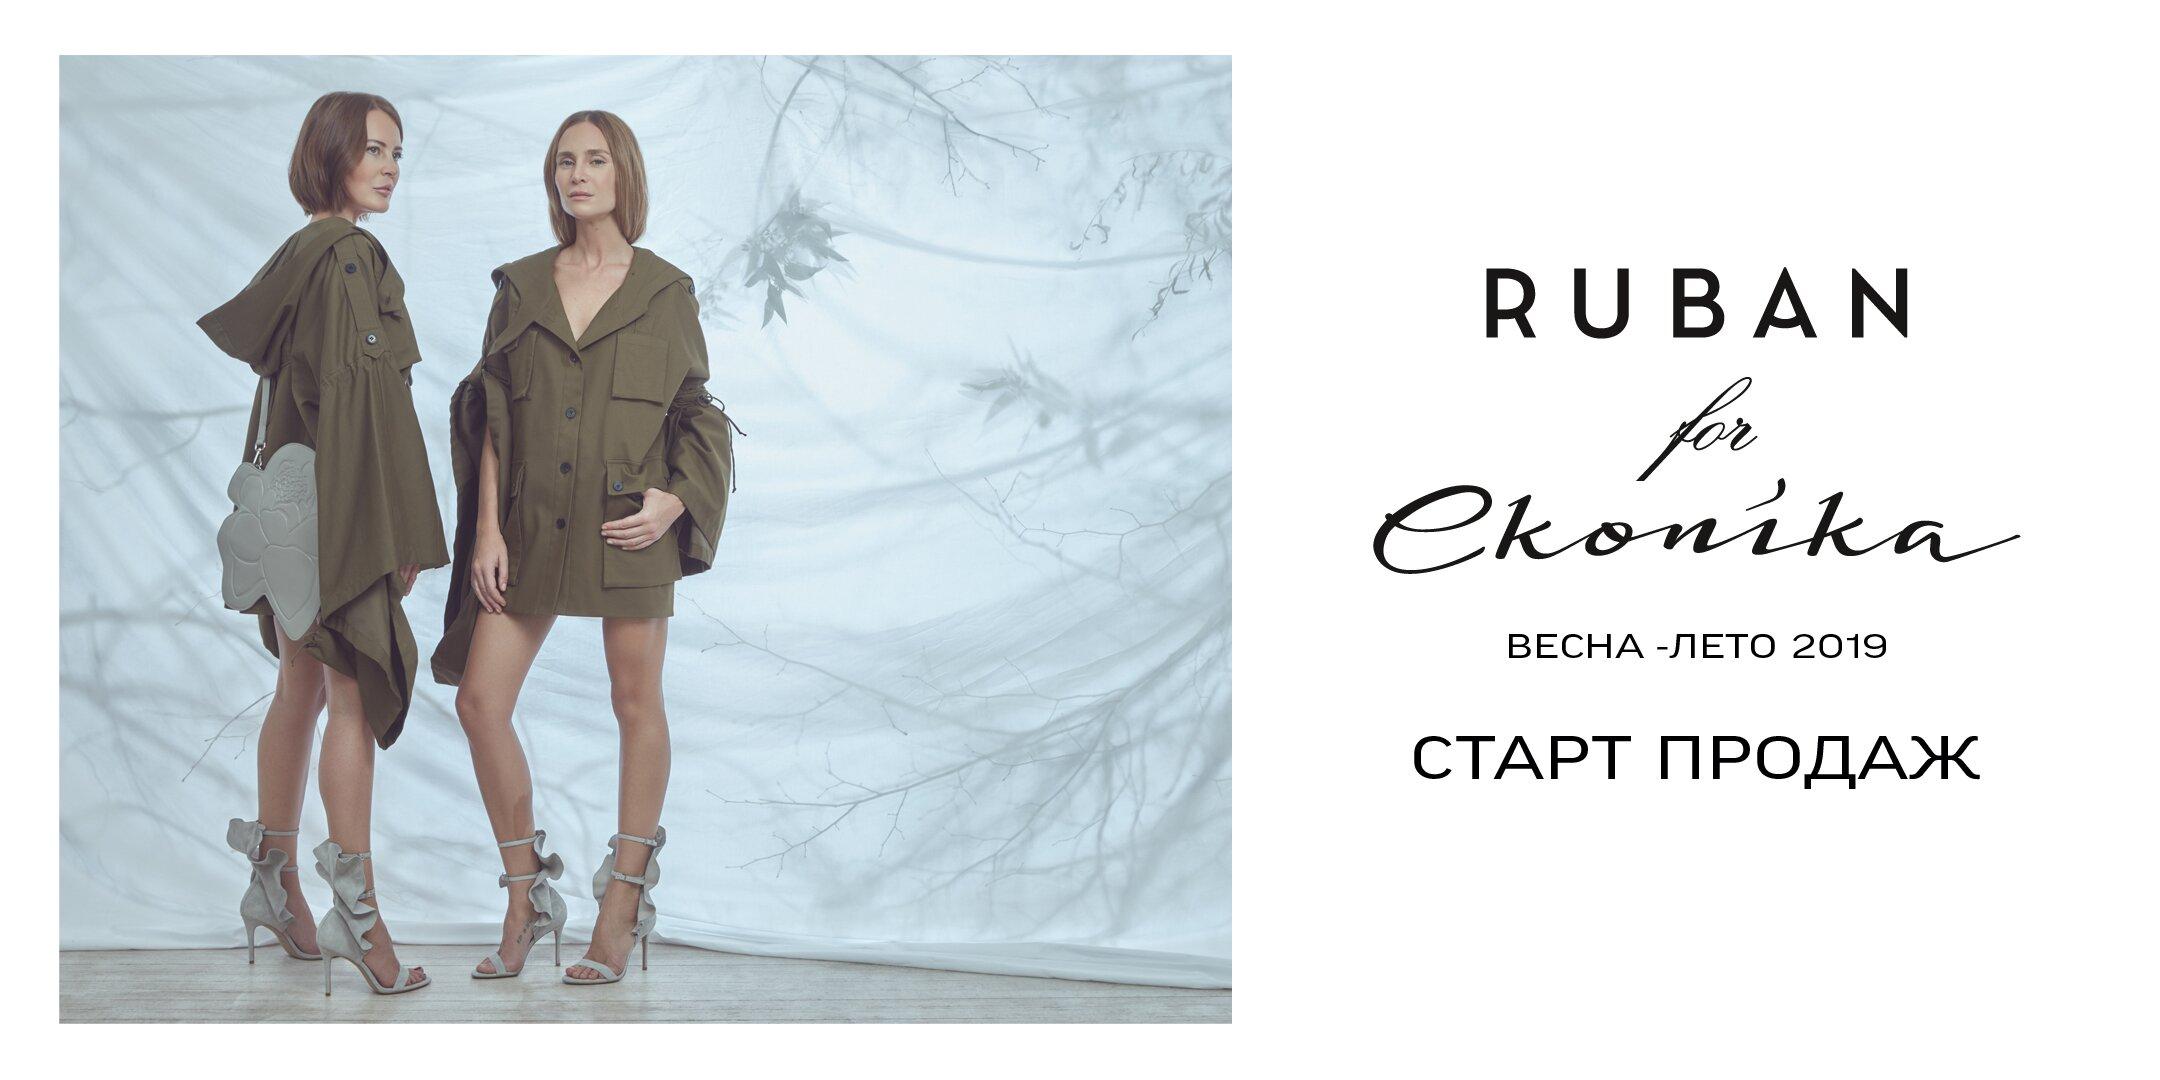 Капсульная коллекцияRuban For Ekonikaуже в продаже в салоне «Эконика»!